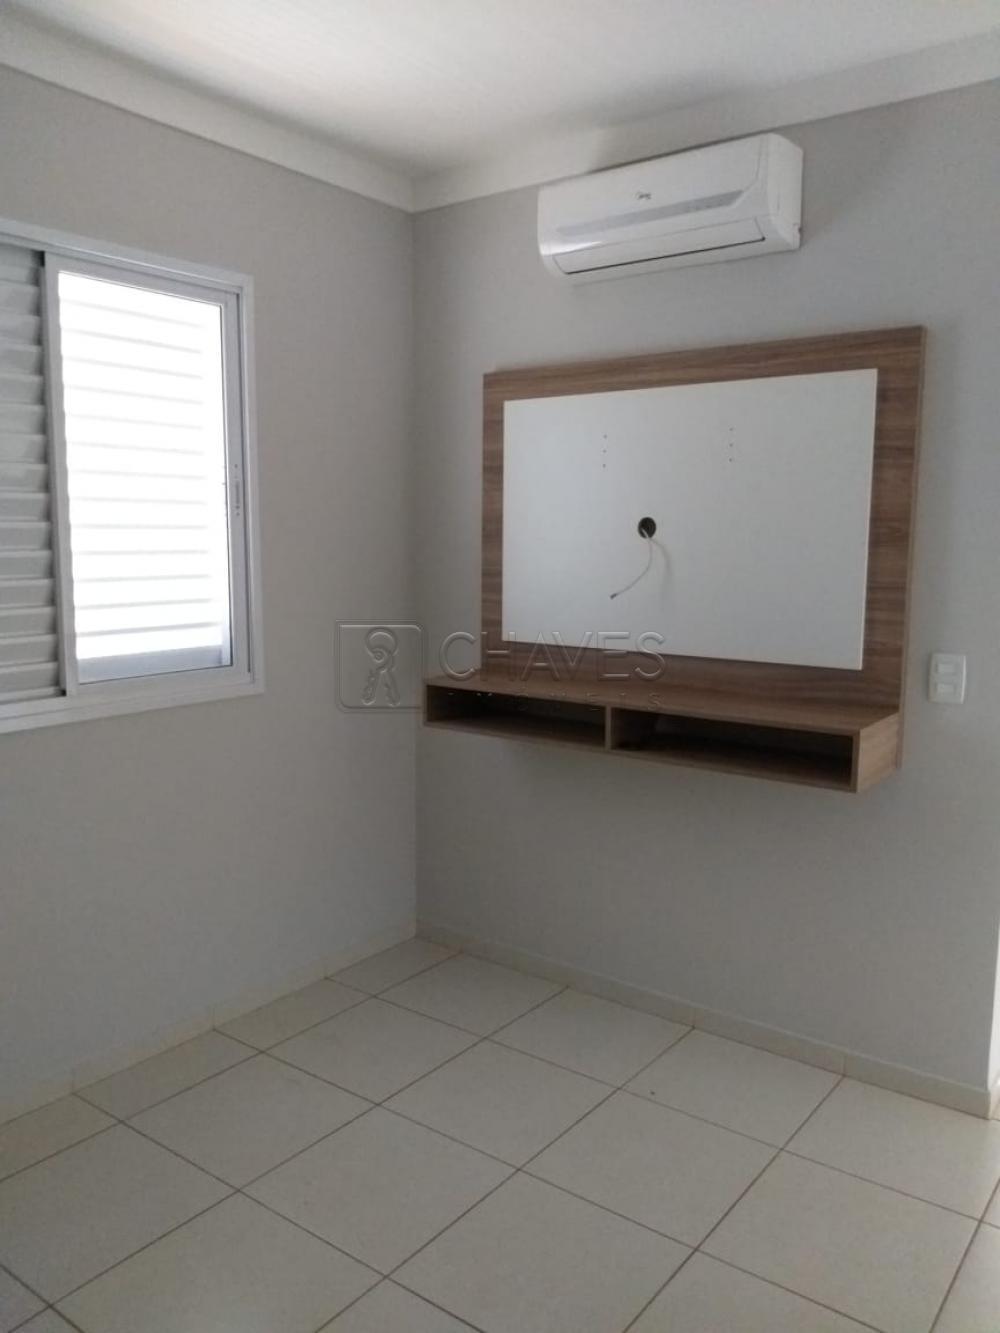 Comprar Apartamento / Padrão em Ribeirão Preto apenas R$ 590.000,00 - Foto 4